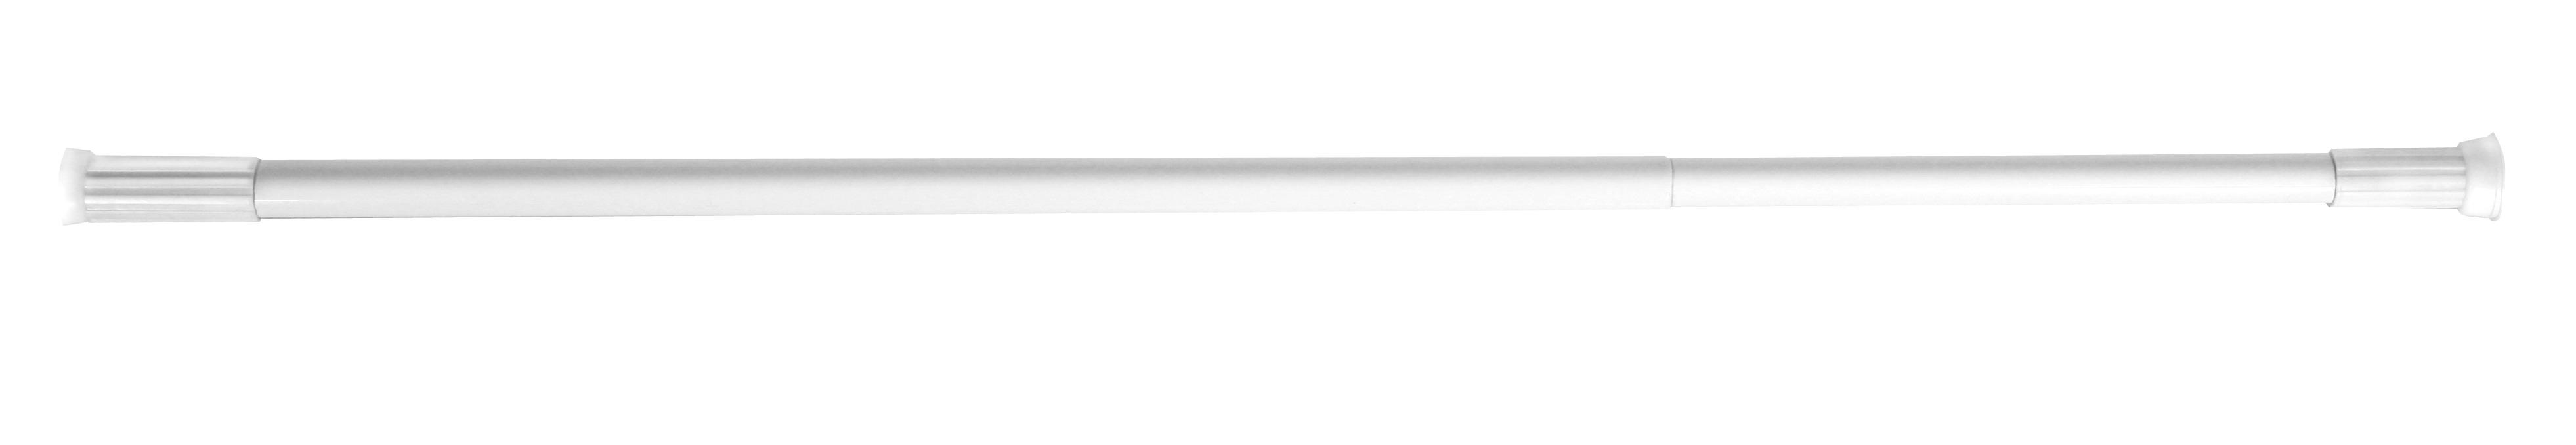 Tyč na sprchový závěs Olsen 140-260 bílá, skladem